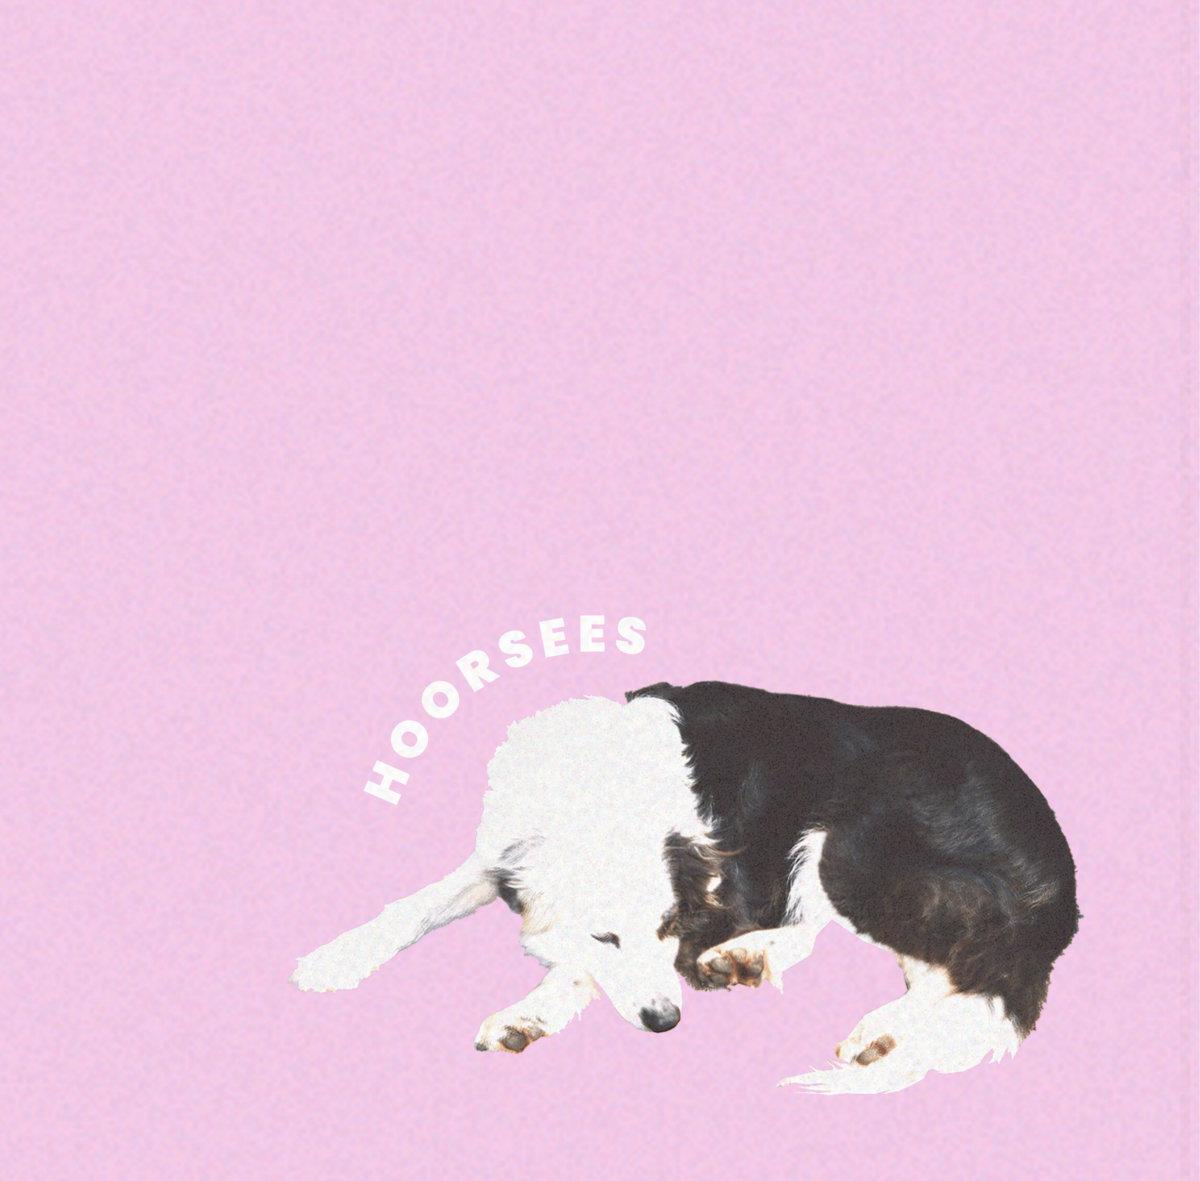 Hoorsees | Hoorsees | 3hive.com